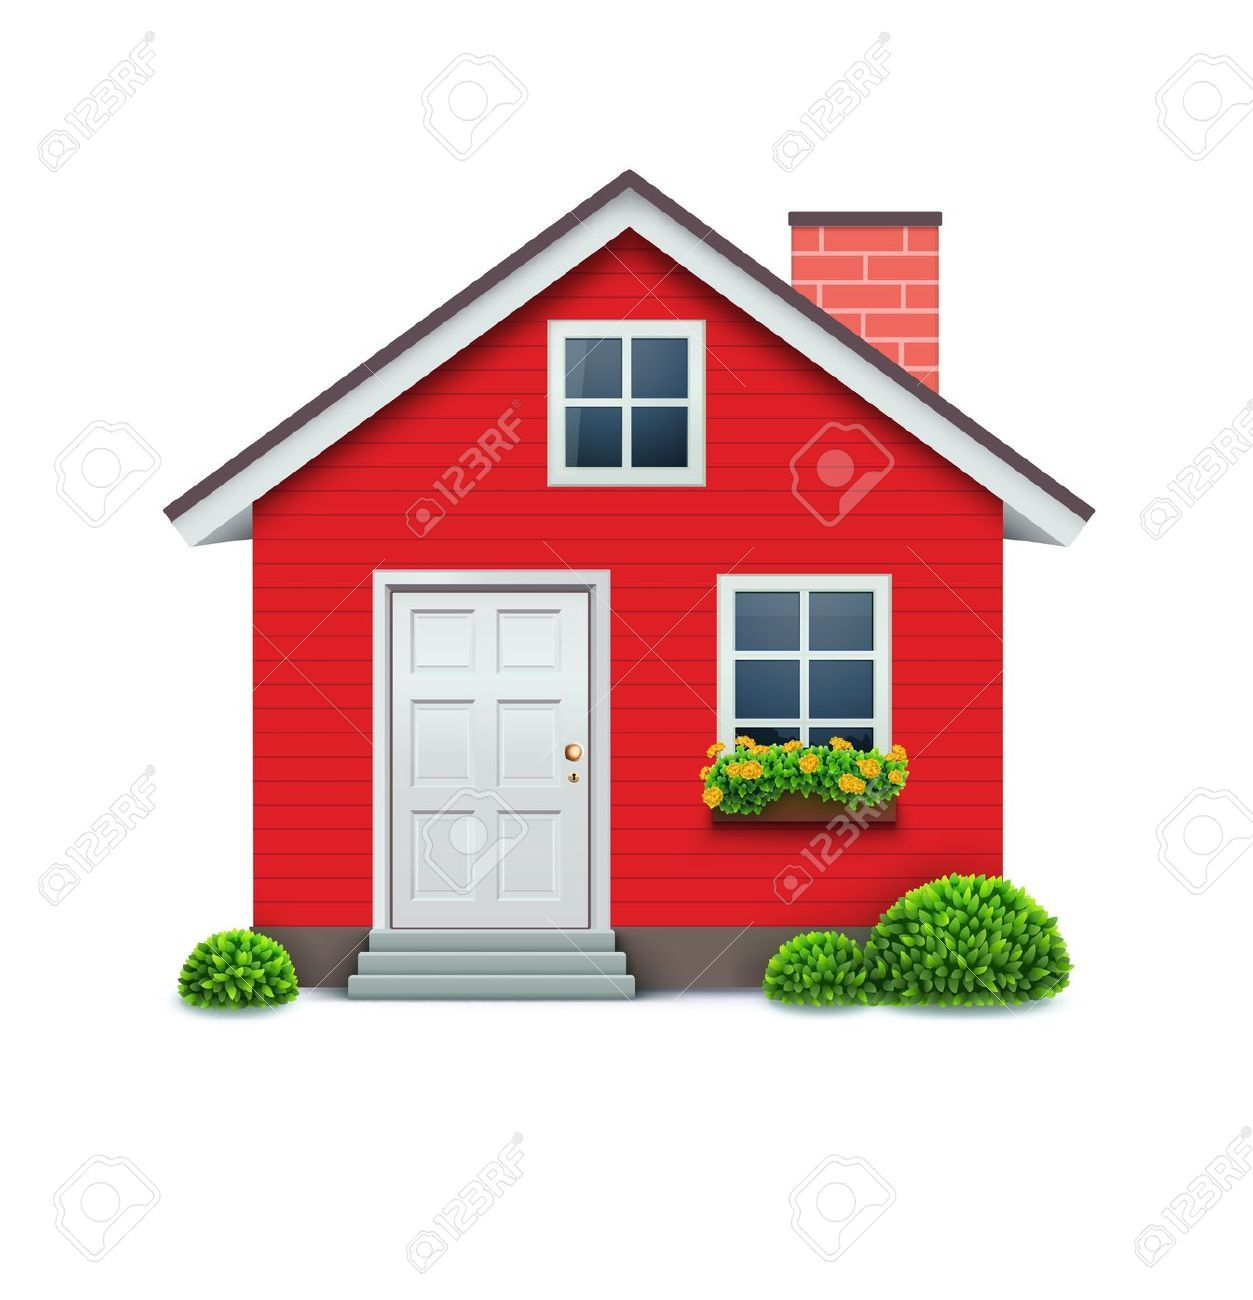 Casa roja sobre fondo blanco. Ilustraciones Vectoriales, Clip Art Vectorizado.